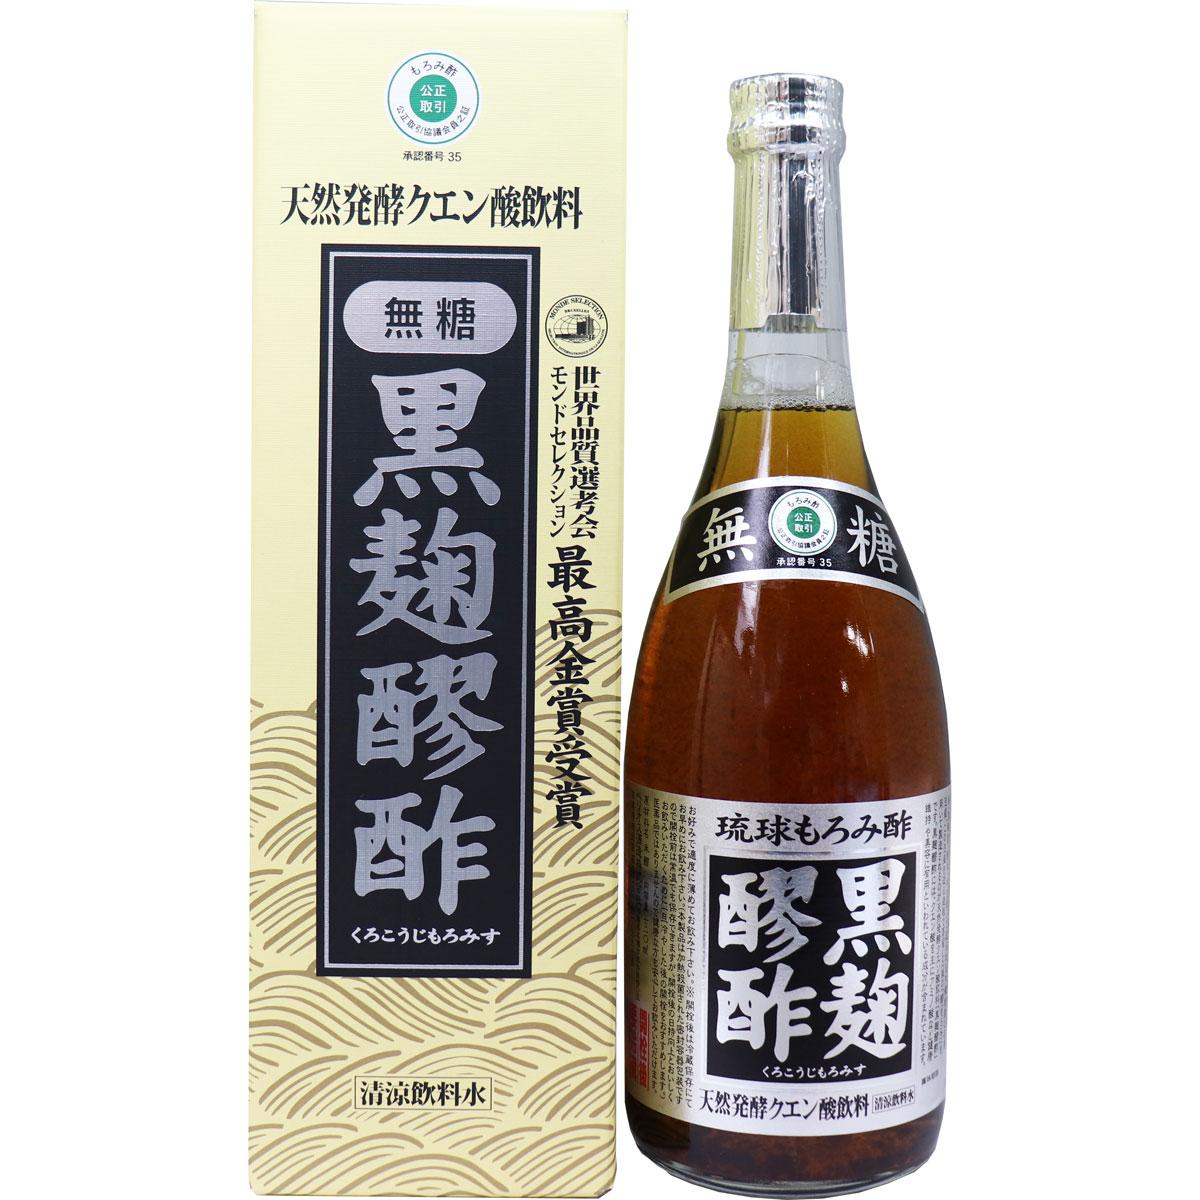 黒麹醪酢 無糖 720mL 製品画像